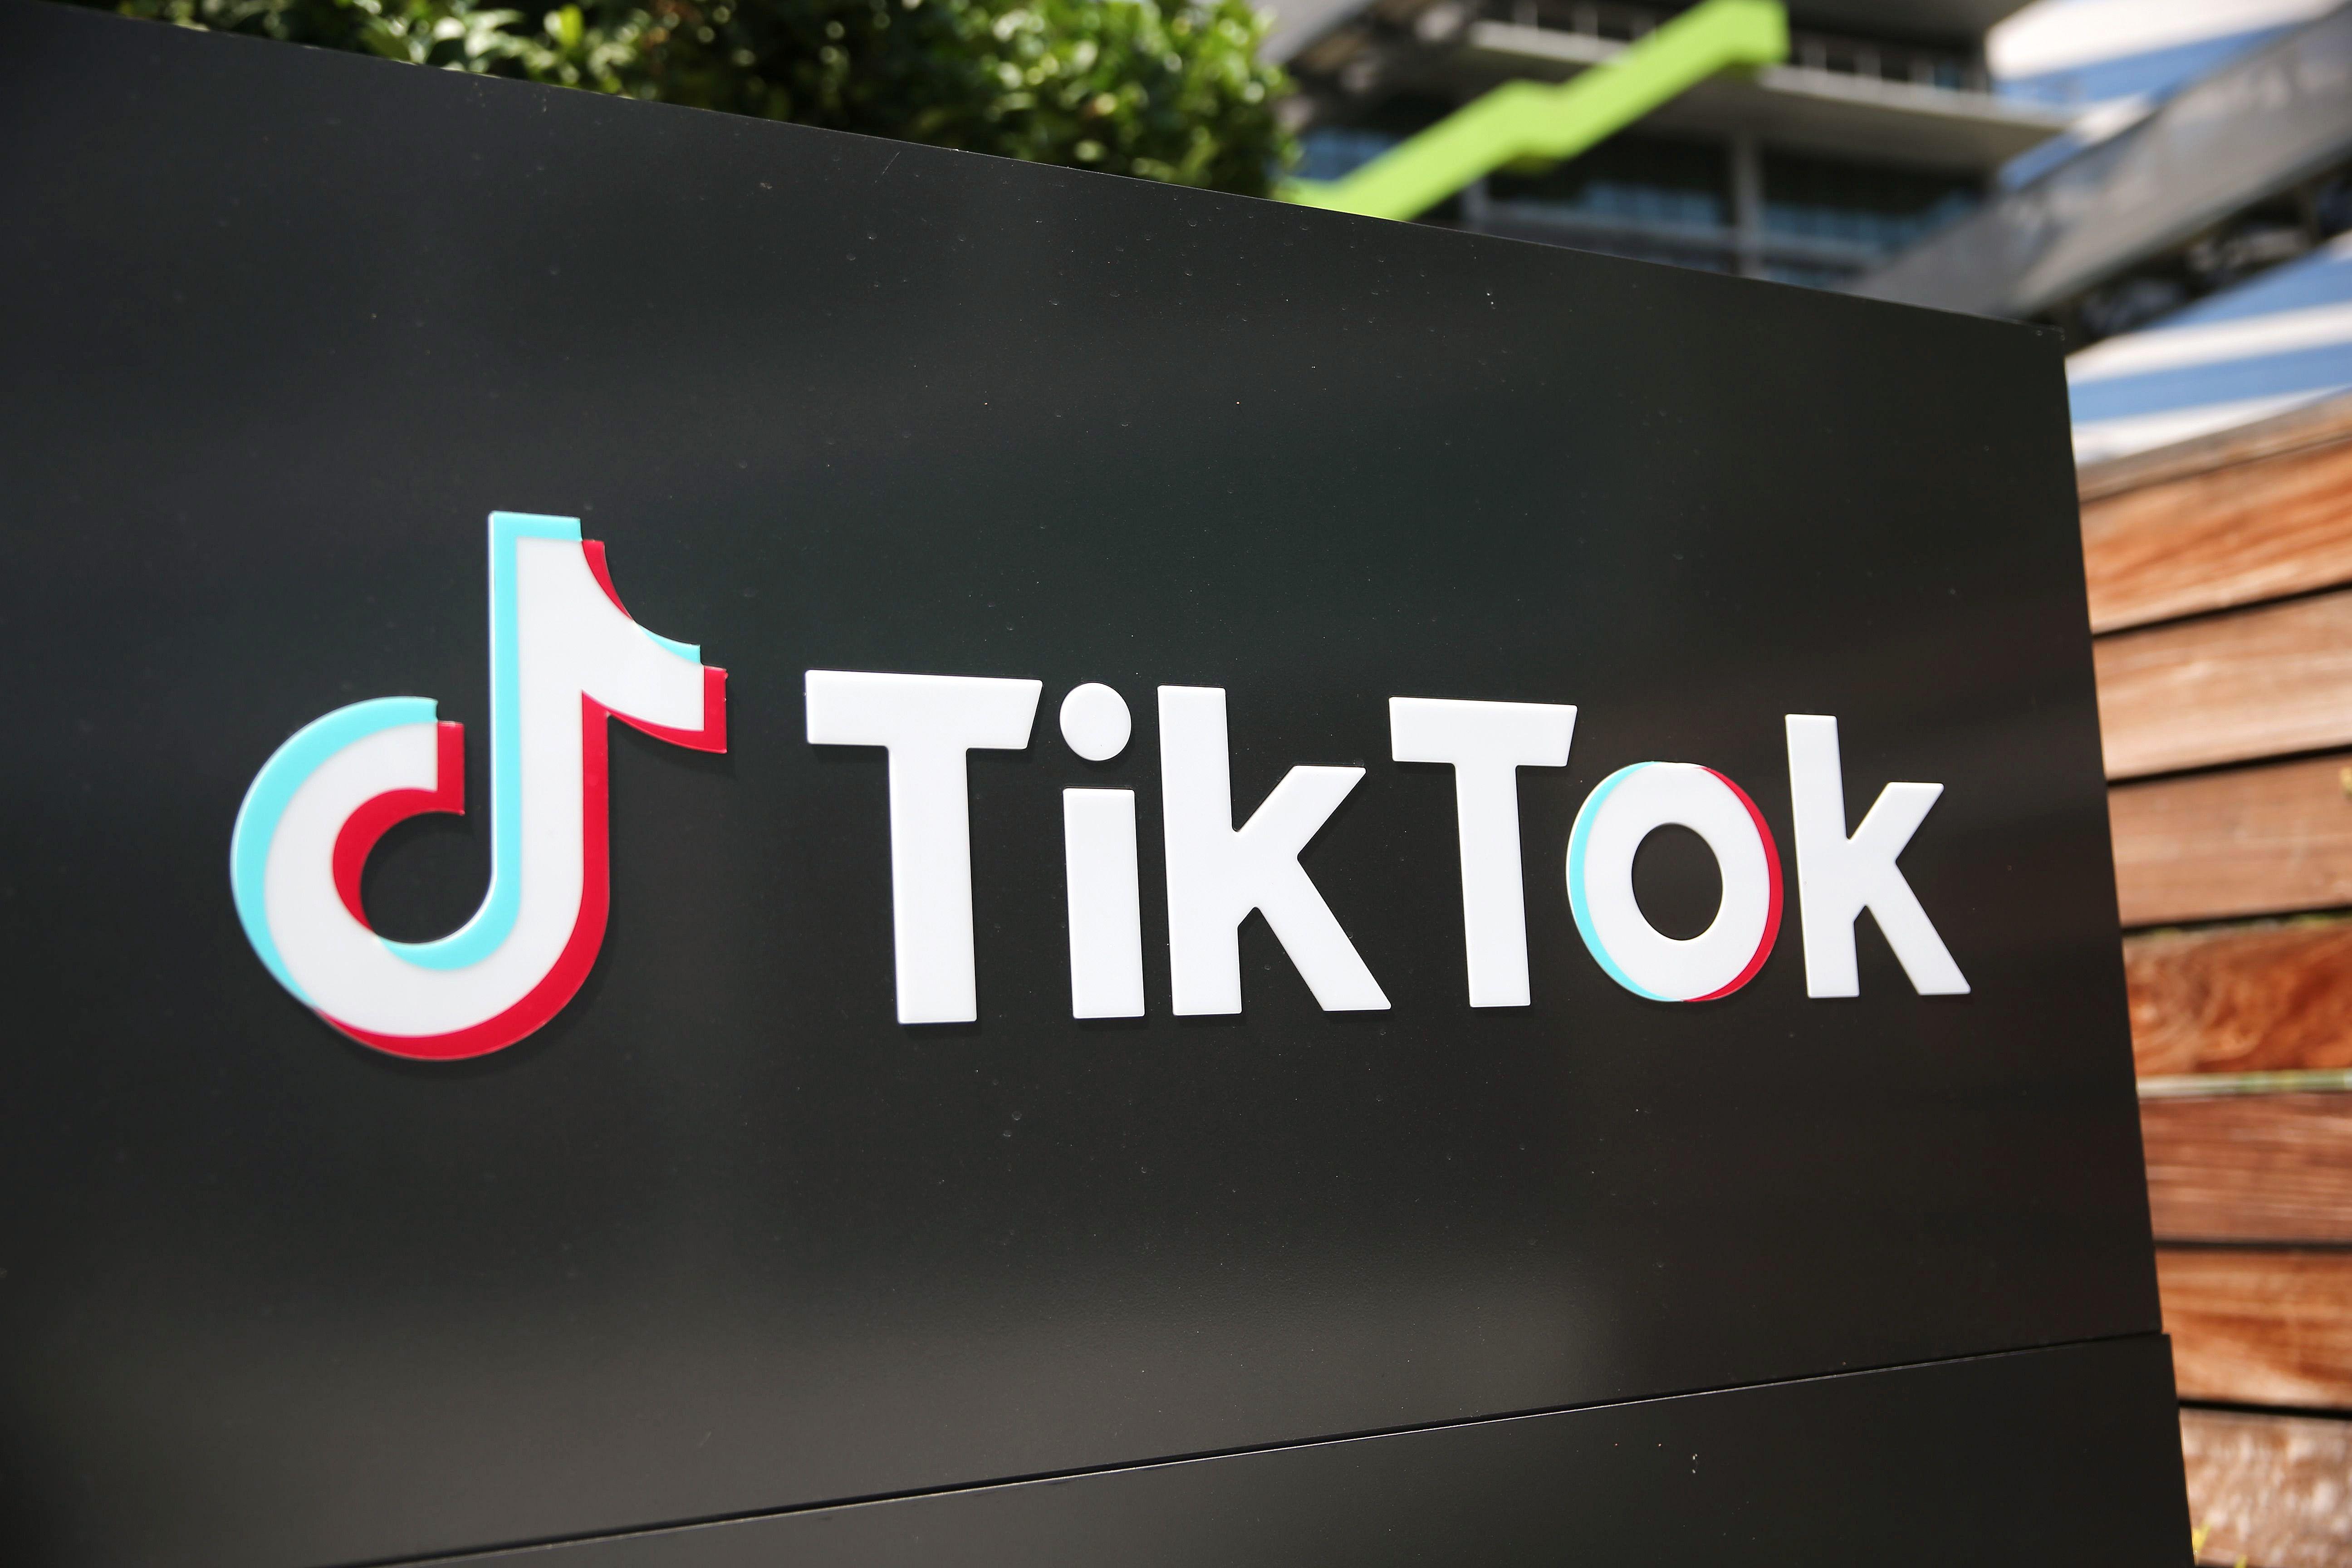 甲骨文TikTok交易 傳美方將擁有60%股份